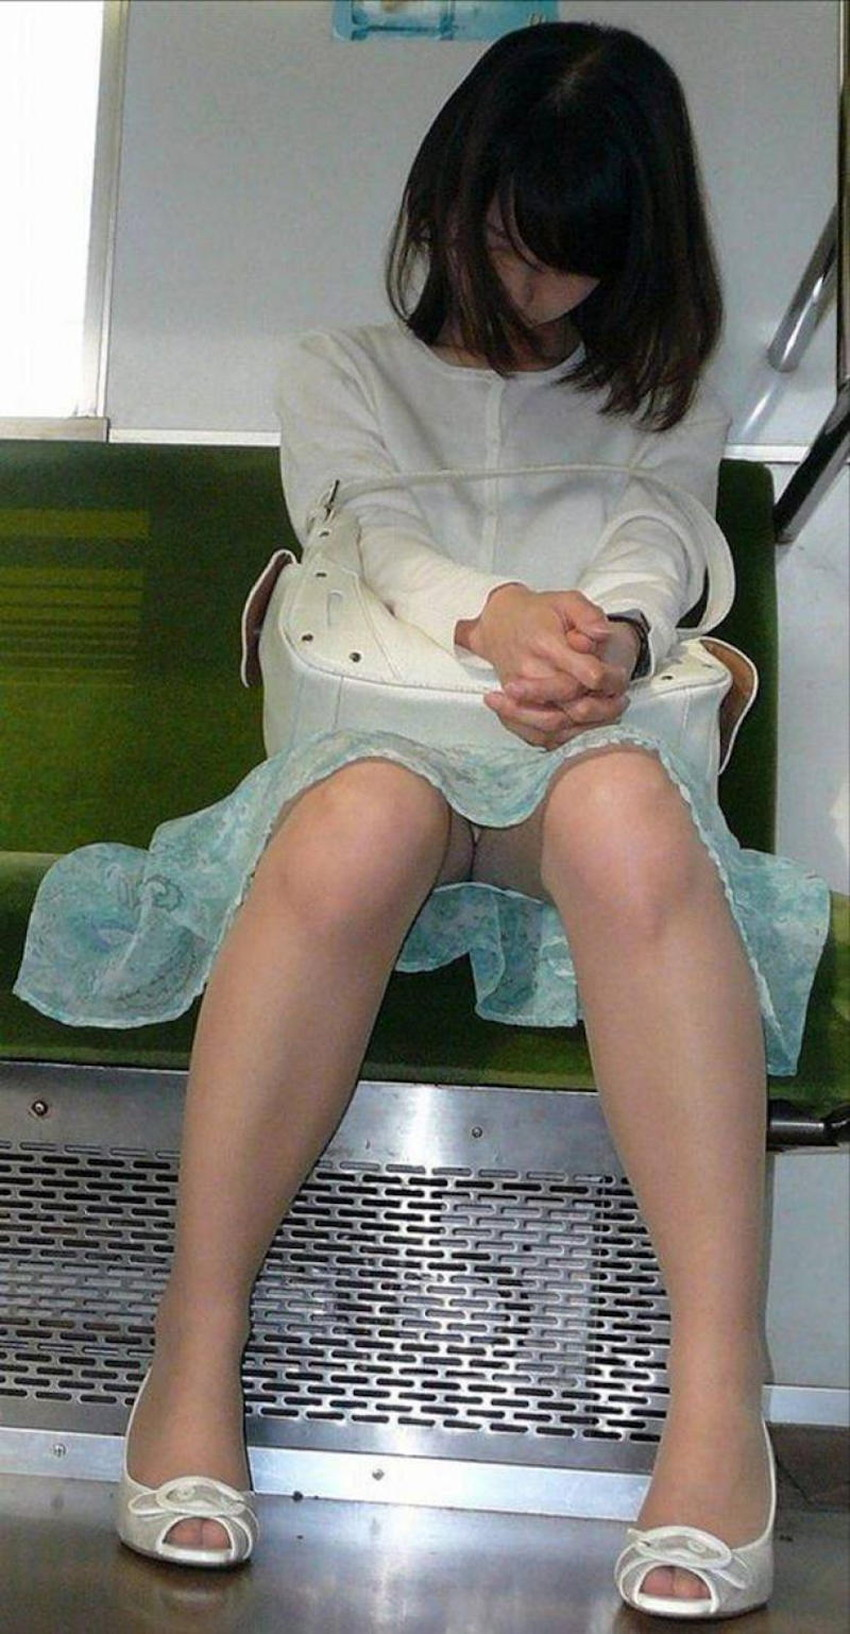 【居眠りパンチラエロ画像】居眠りOLが電車内でお股ユルユル!ww居眠り美女の無防備なパンチラを盗撮した居眠りパンチラのエロ画像集!ww【80枚】 32